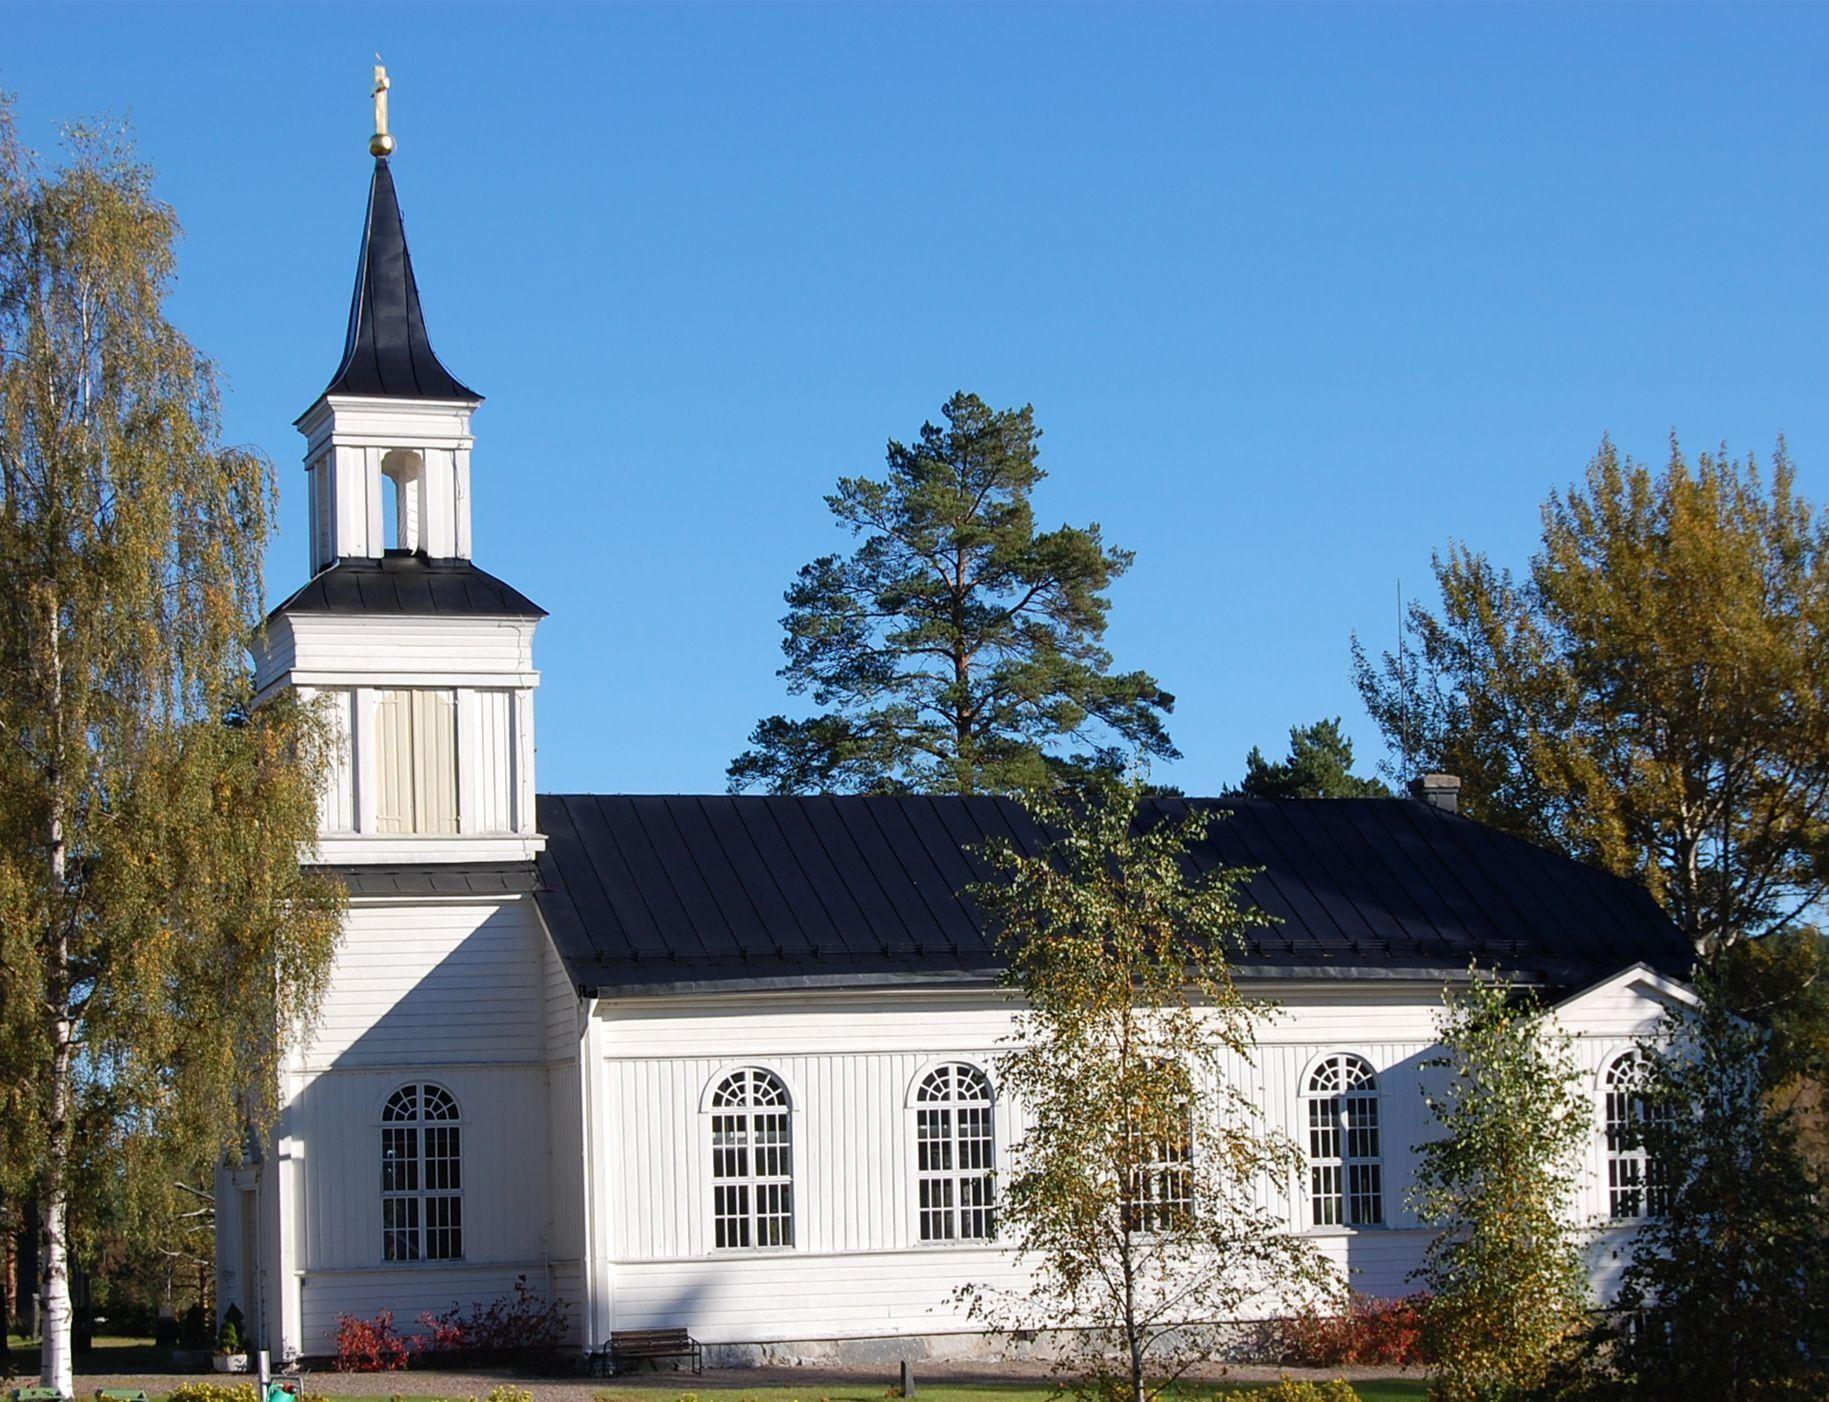 Hemsö church